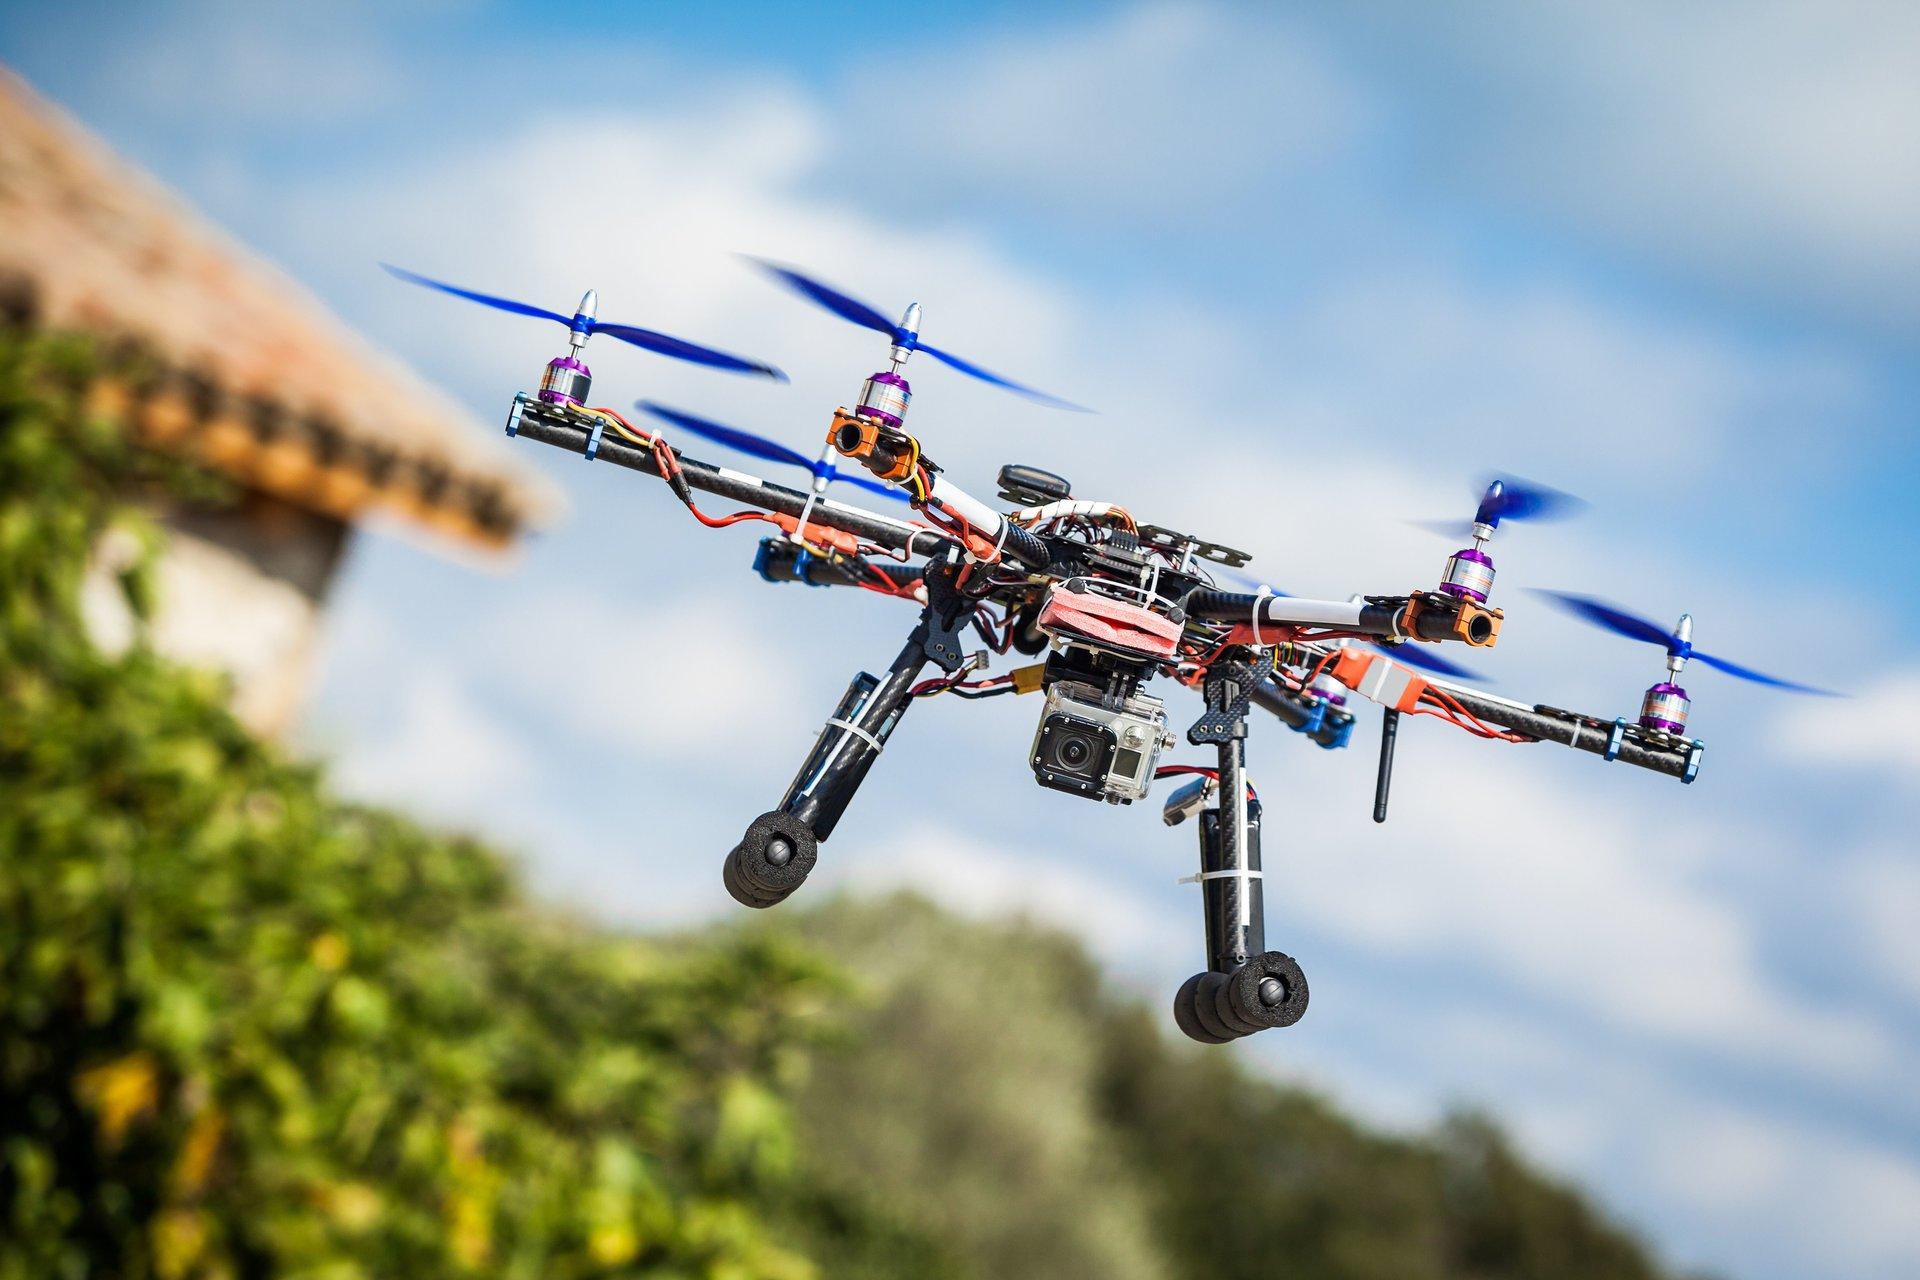 Обои дрон, аппарат, беспилотный, летательный. Авиация foto 9